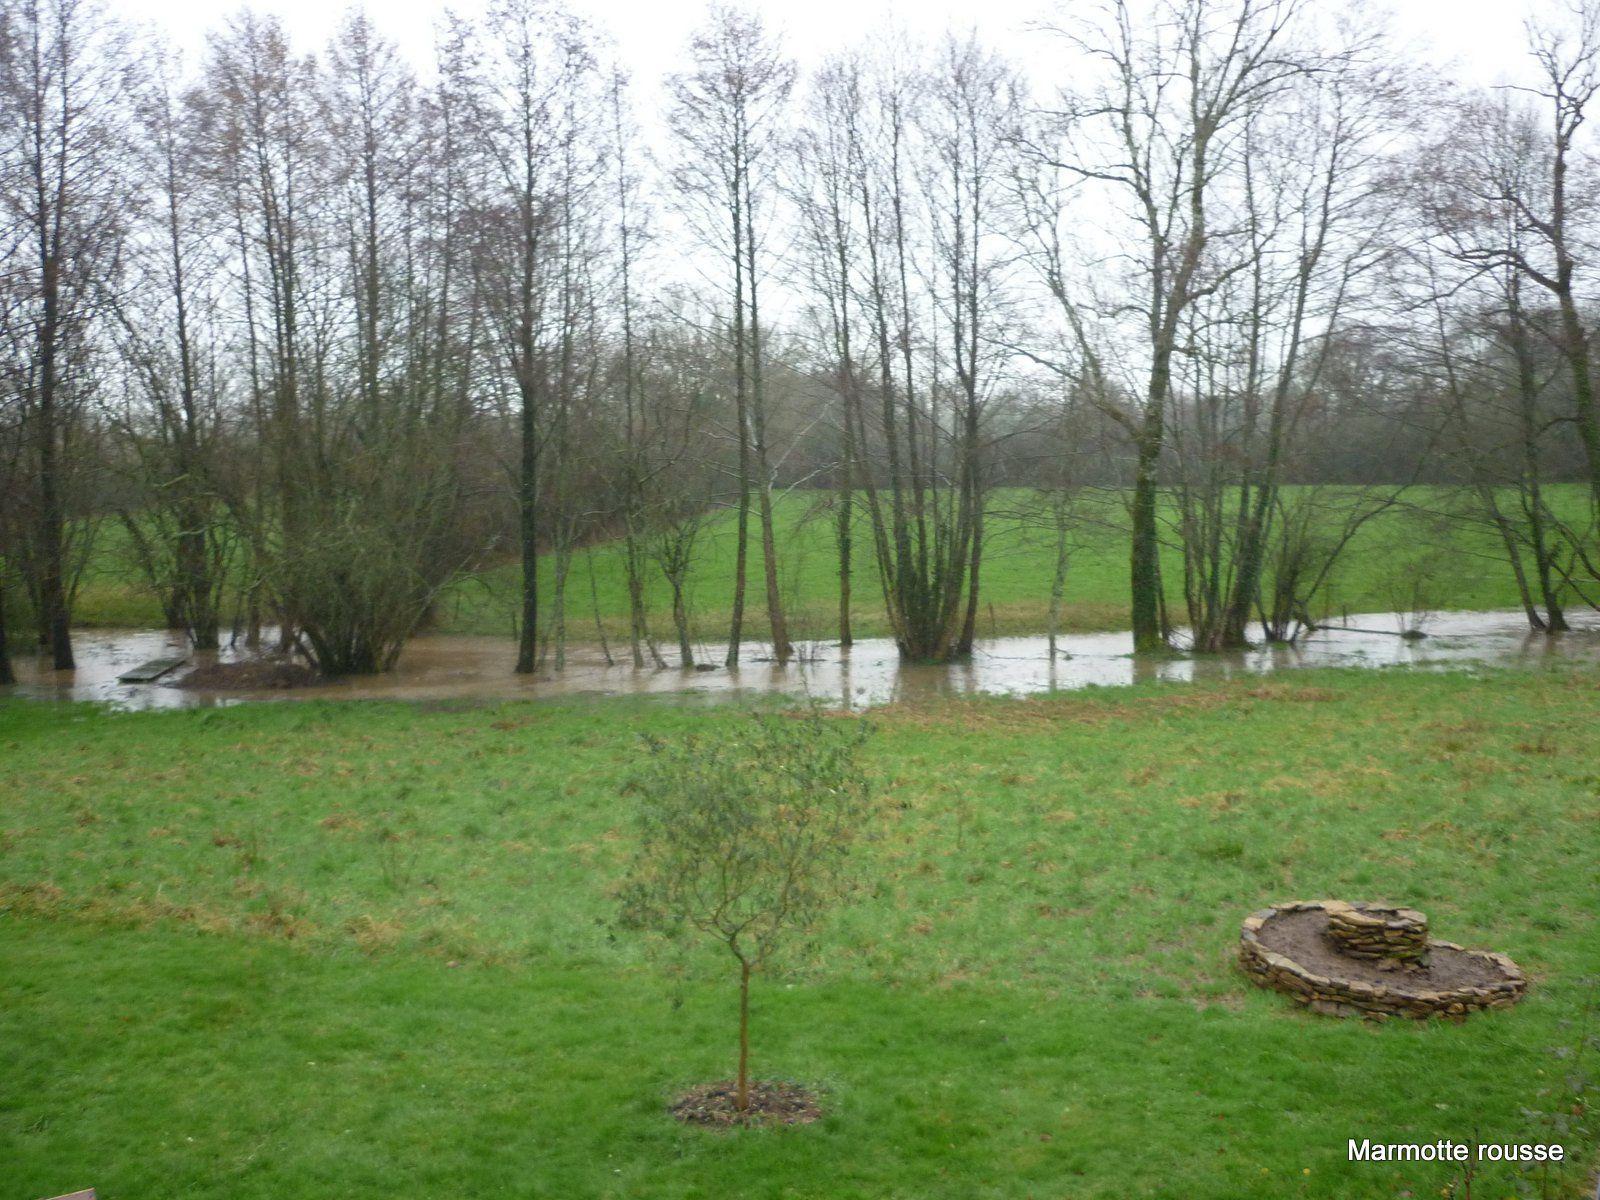 Photo prise au printemps après quelques jours de pluies abondantes